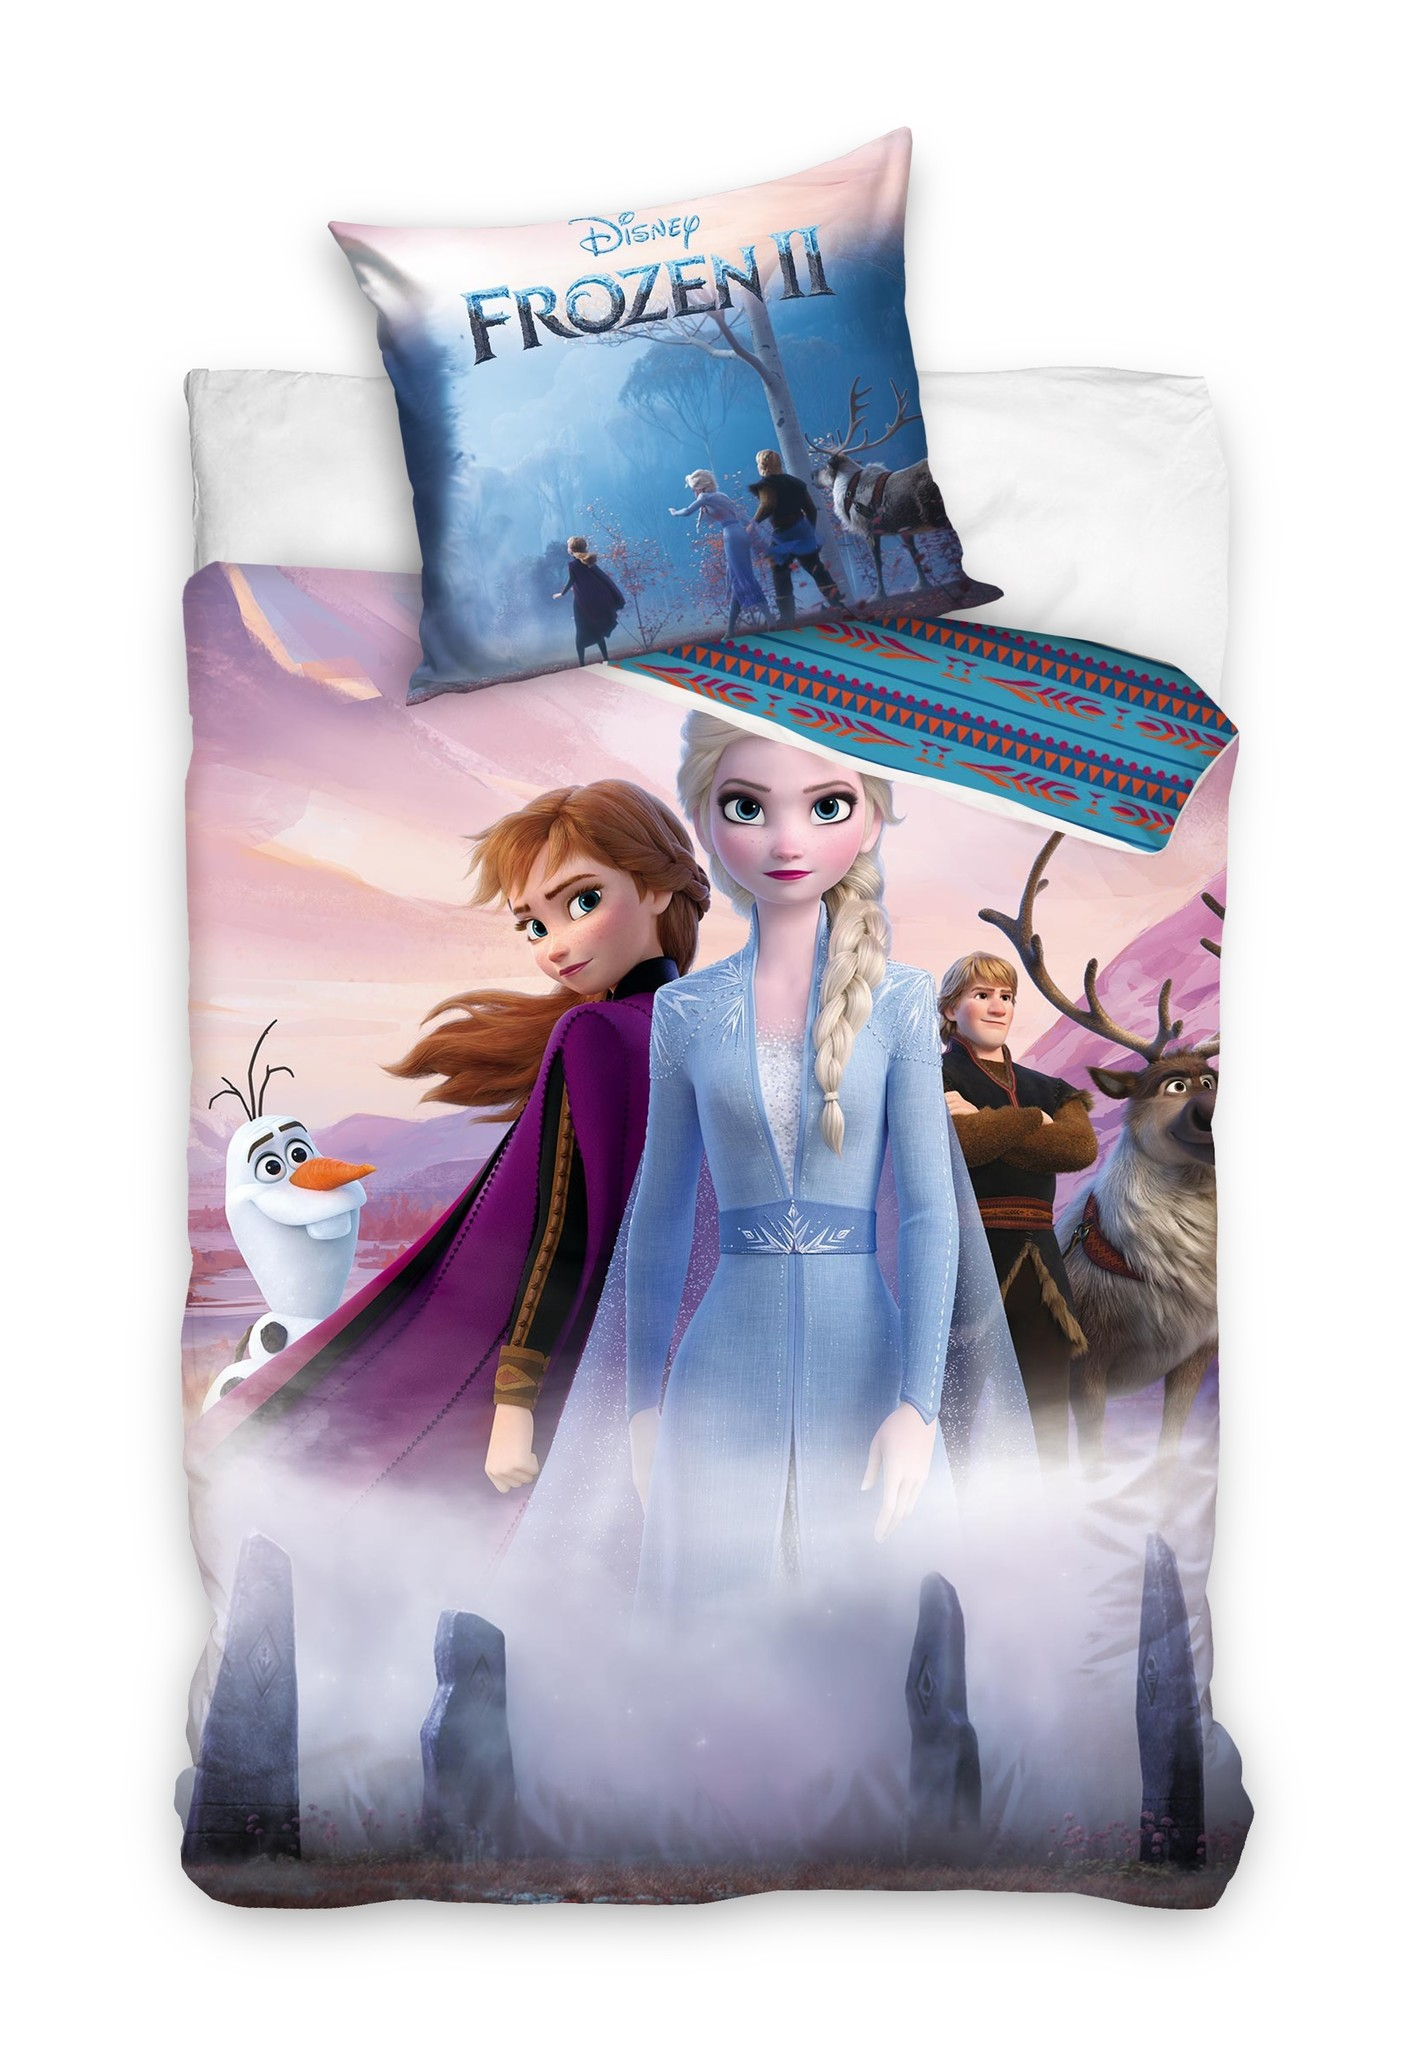 Disney Frozen Frozen 2 Dekbedovertrek 140x200cm